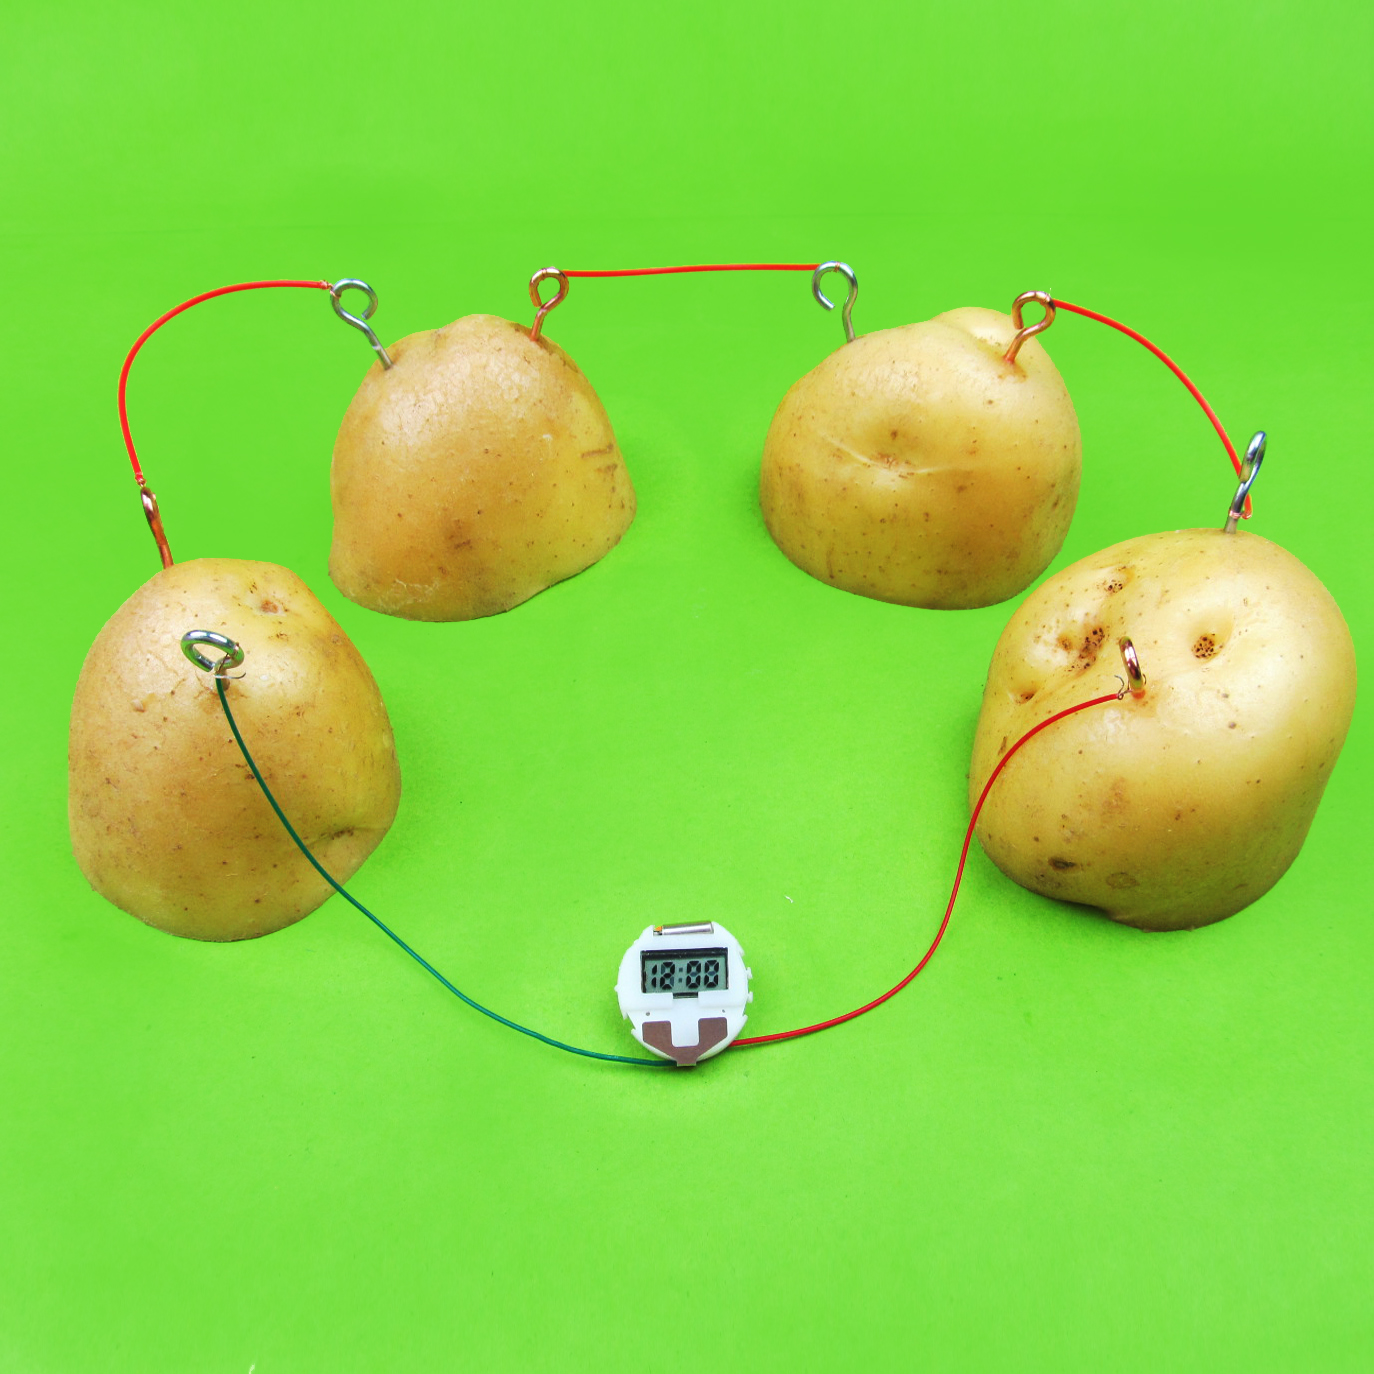 创意环保供电diy科技小制作科学实验器材果蔬水果发电